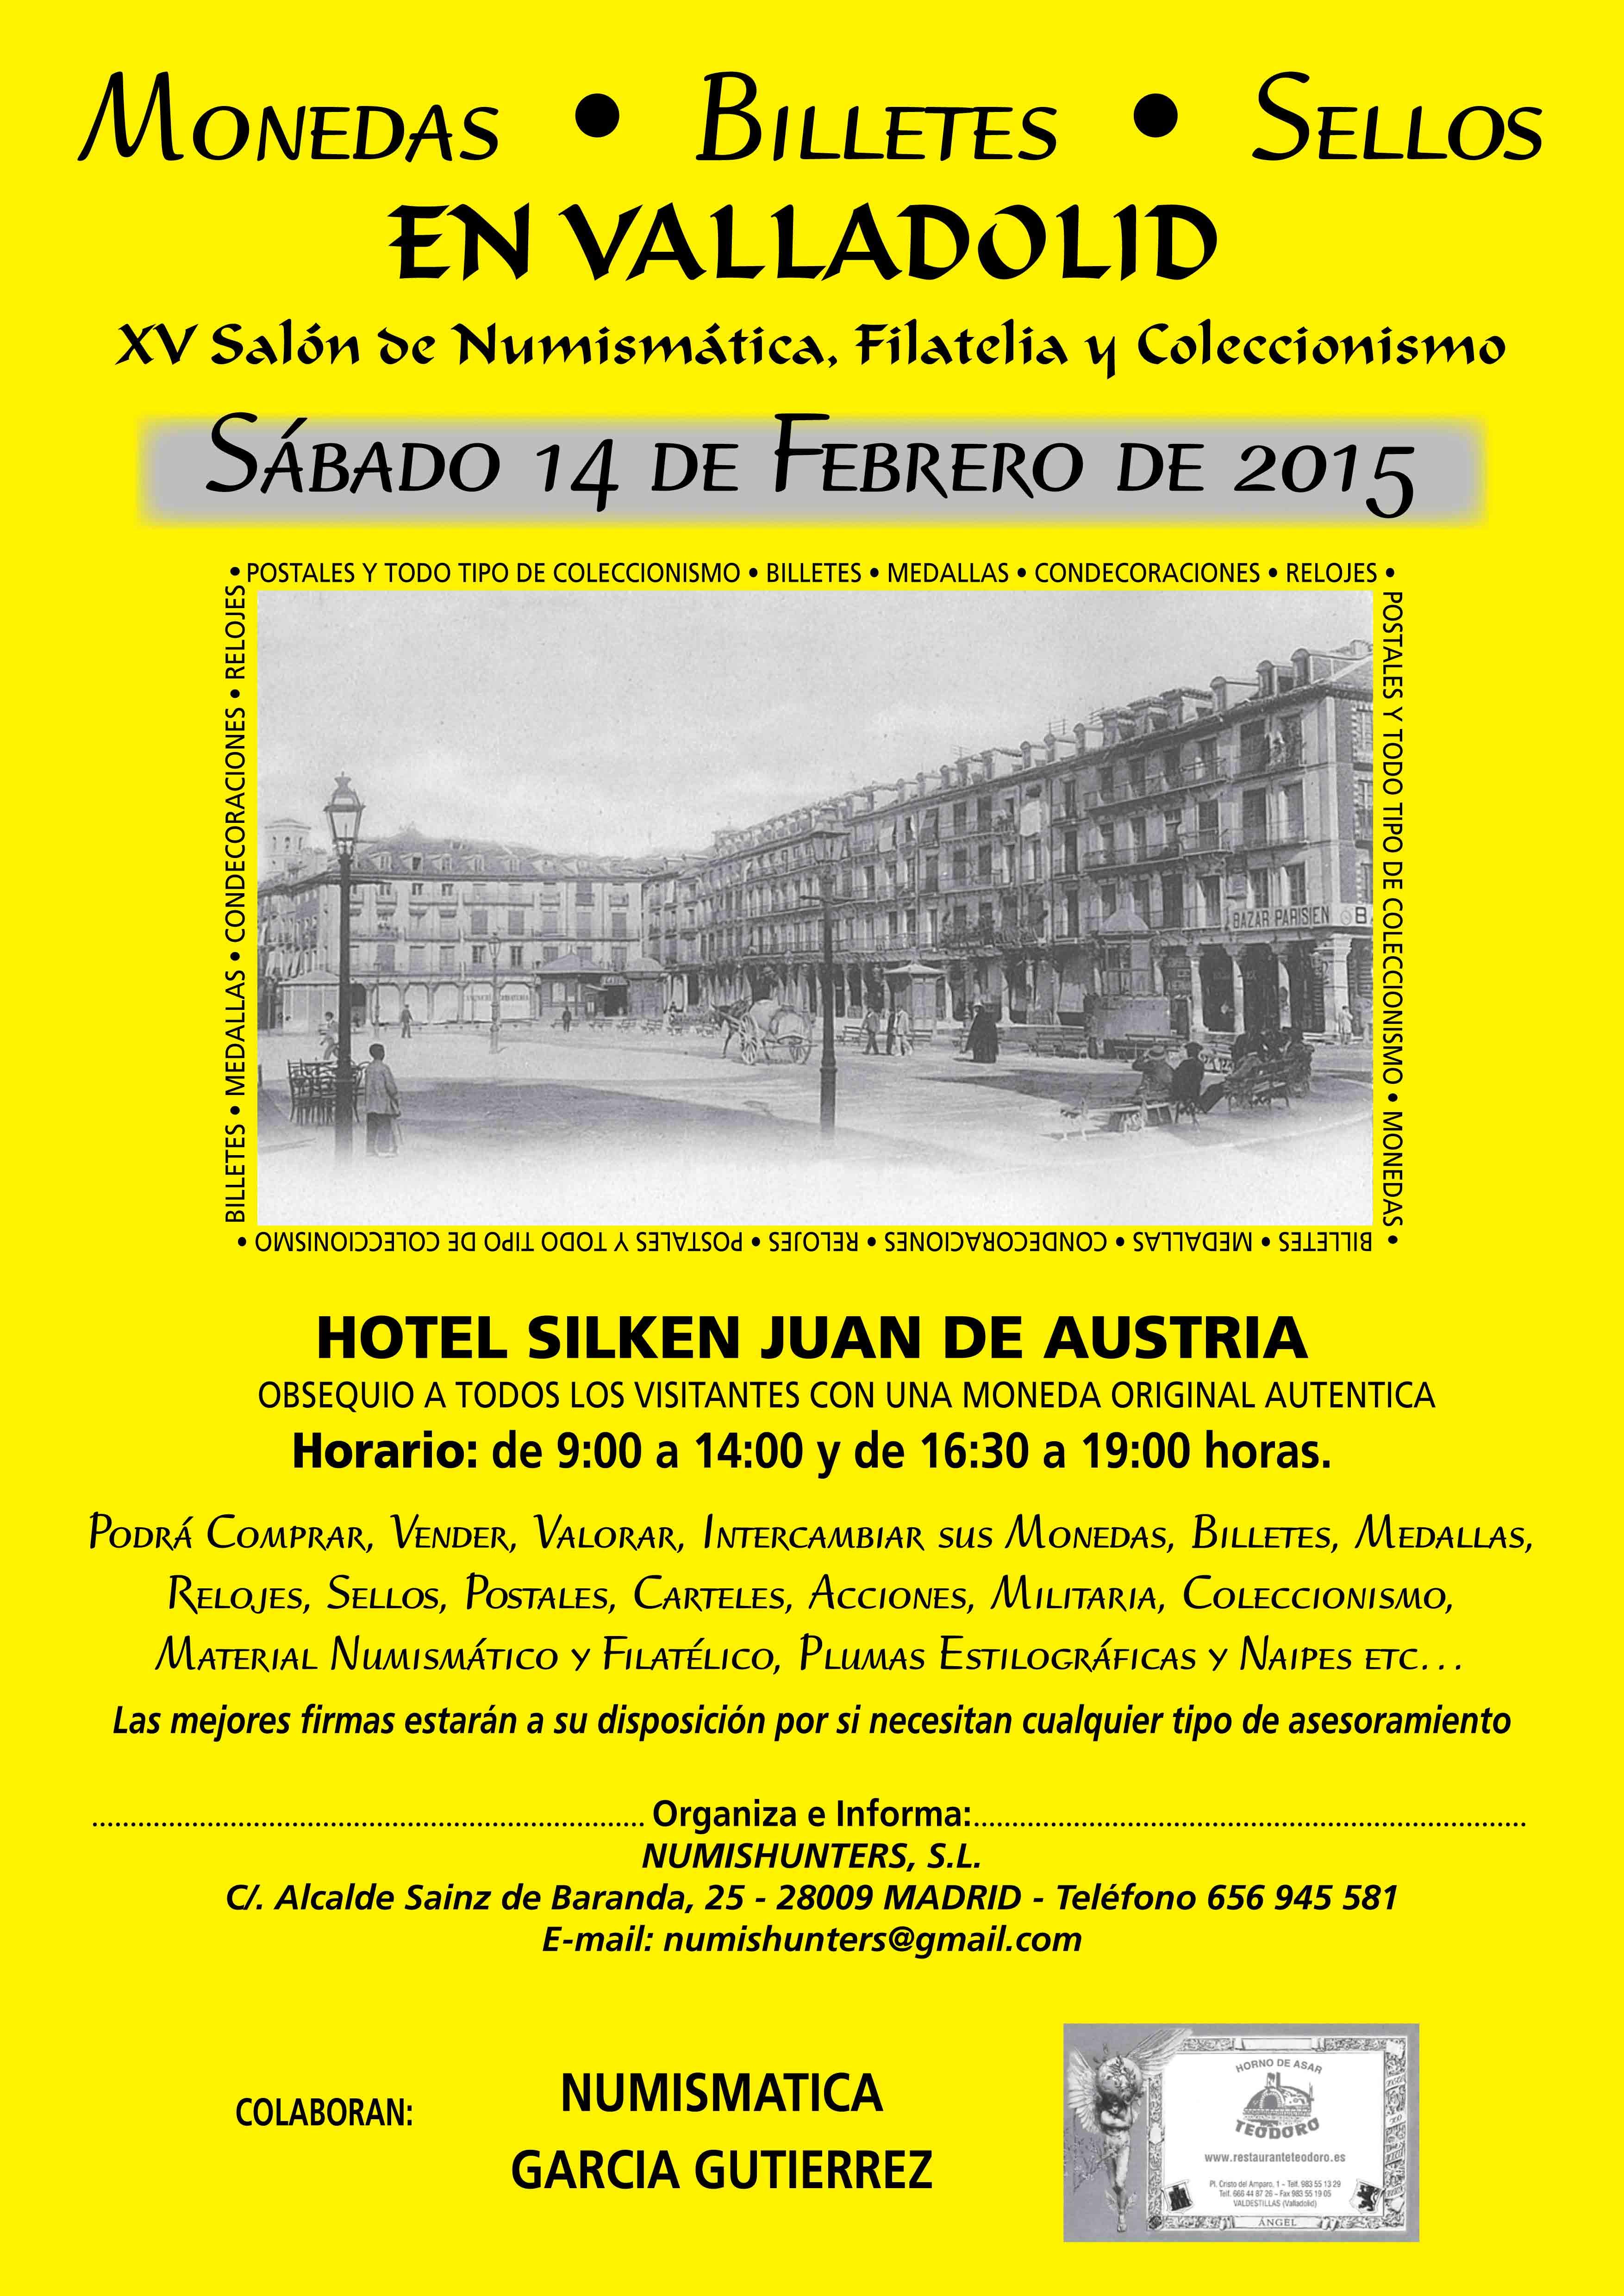 Convención Valladolid Sábado 14 de Febrero Valladolid-nc2ba-15-2015